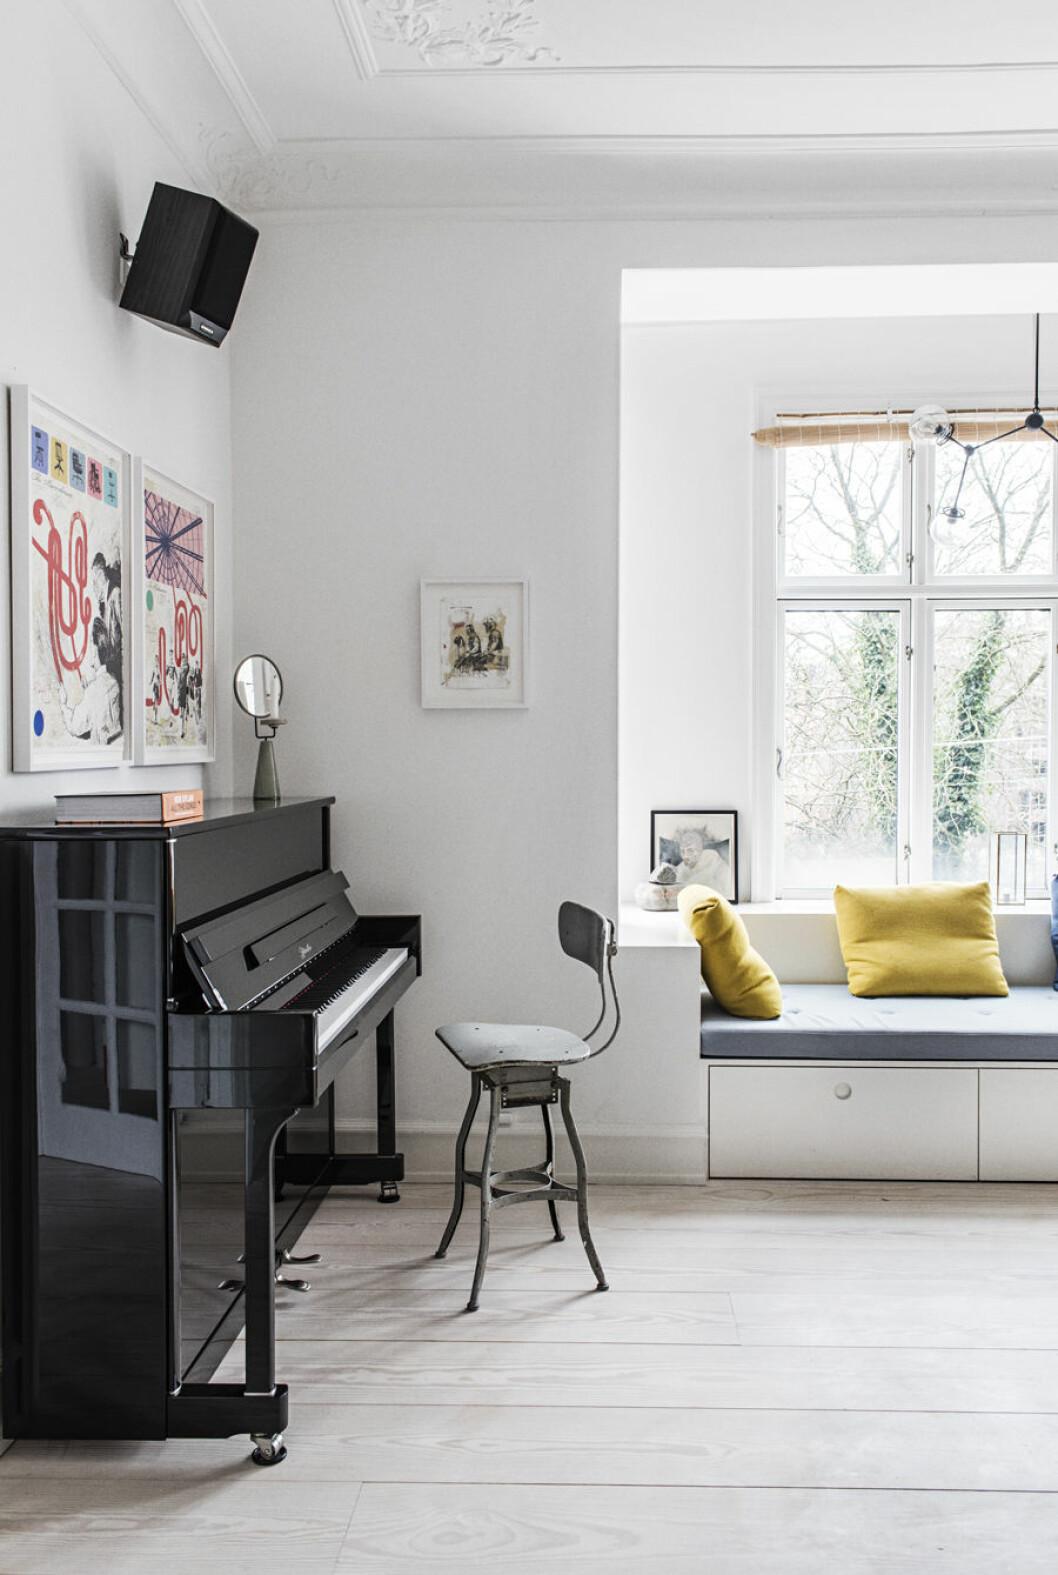 Piano och platsbyggd bänk vid fönstret